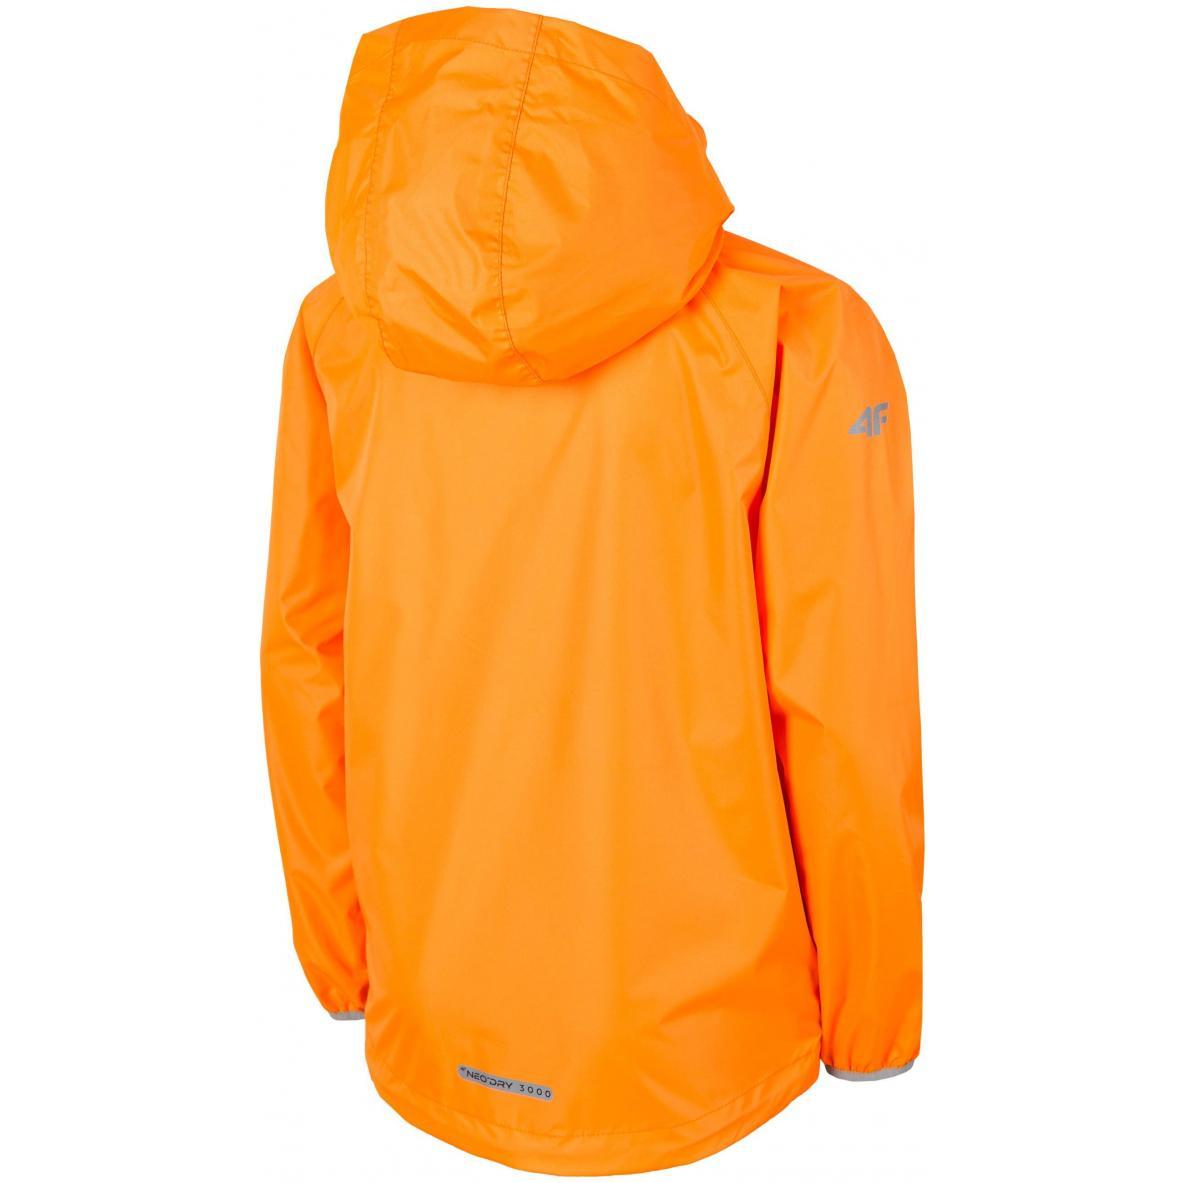 Kurtka sportowa dziecięca 4f J4L19-JKUM403 70N pomarańczowy neon